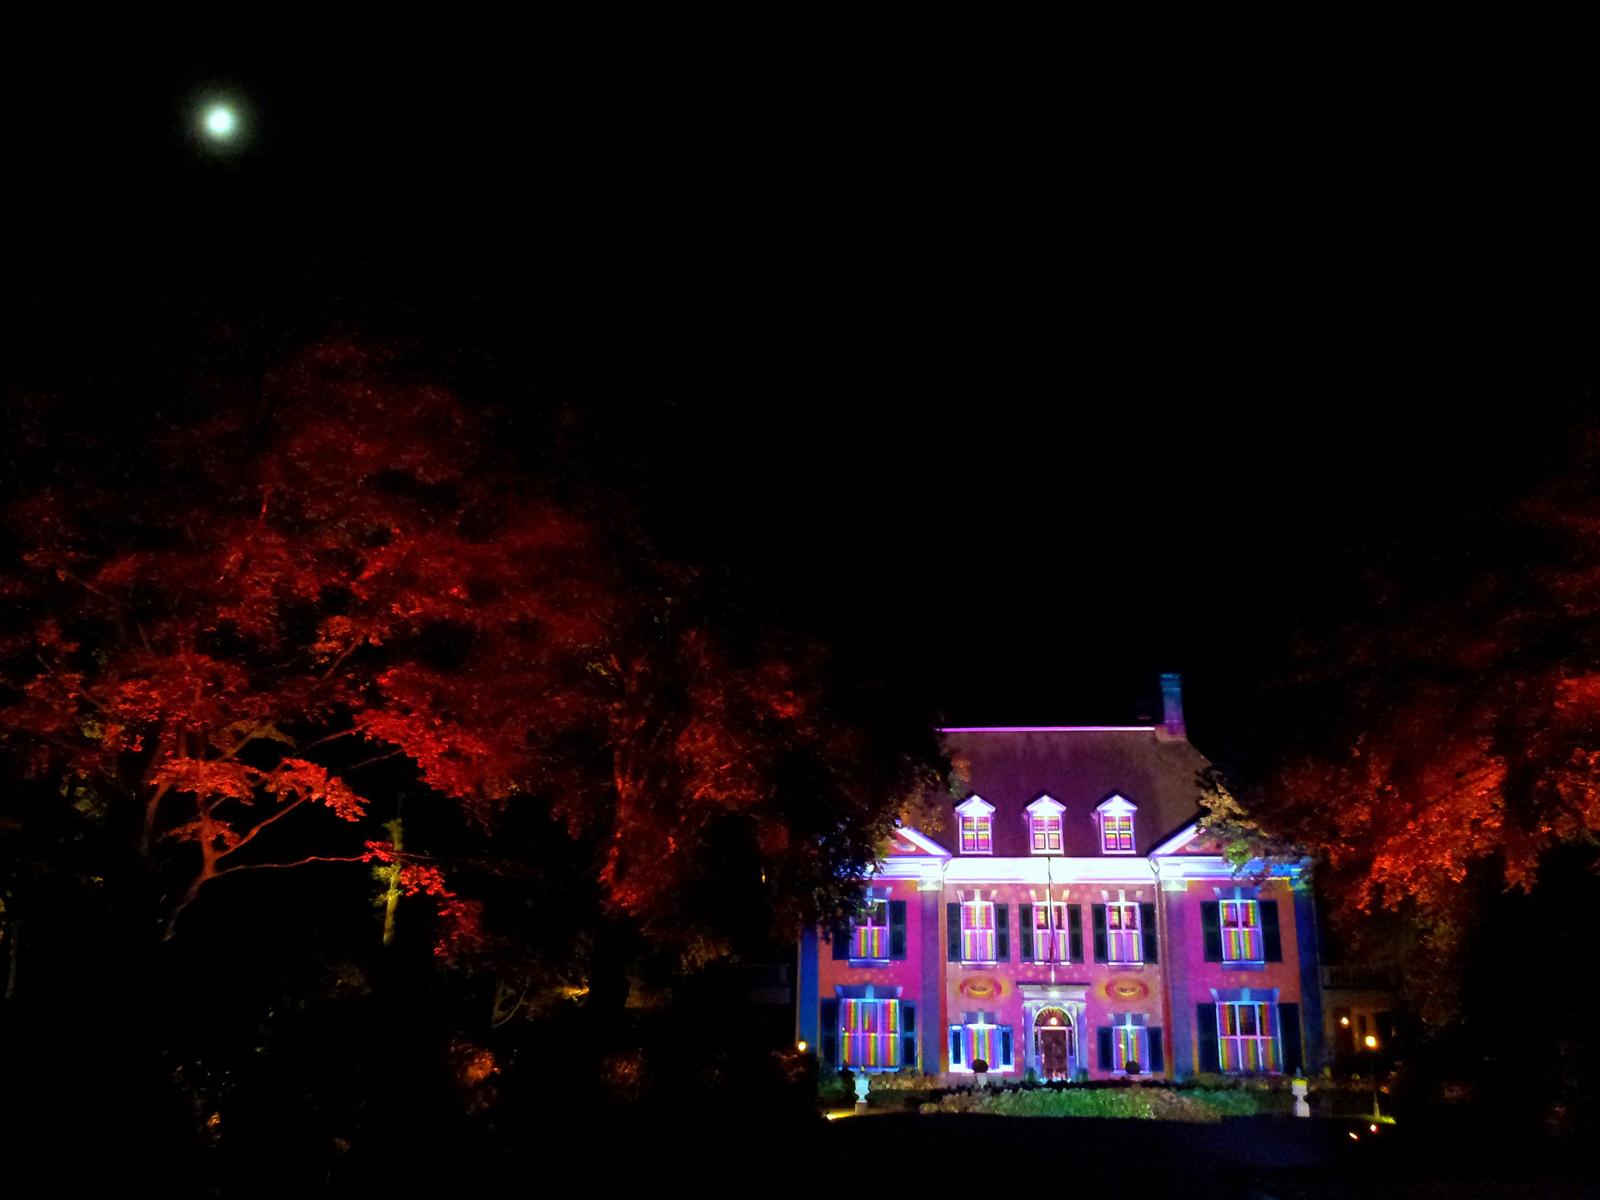 Huize de Laak tijdens lichtfestival Glow Eindhoven 2013